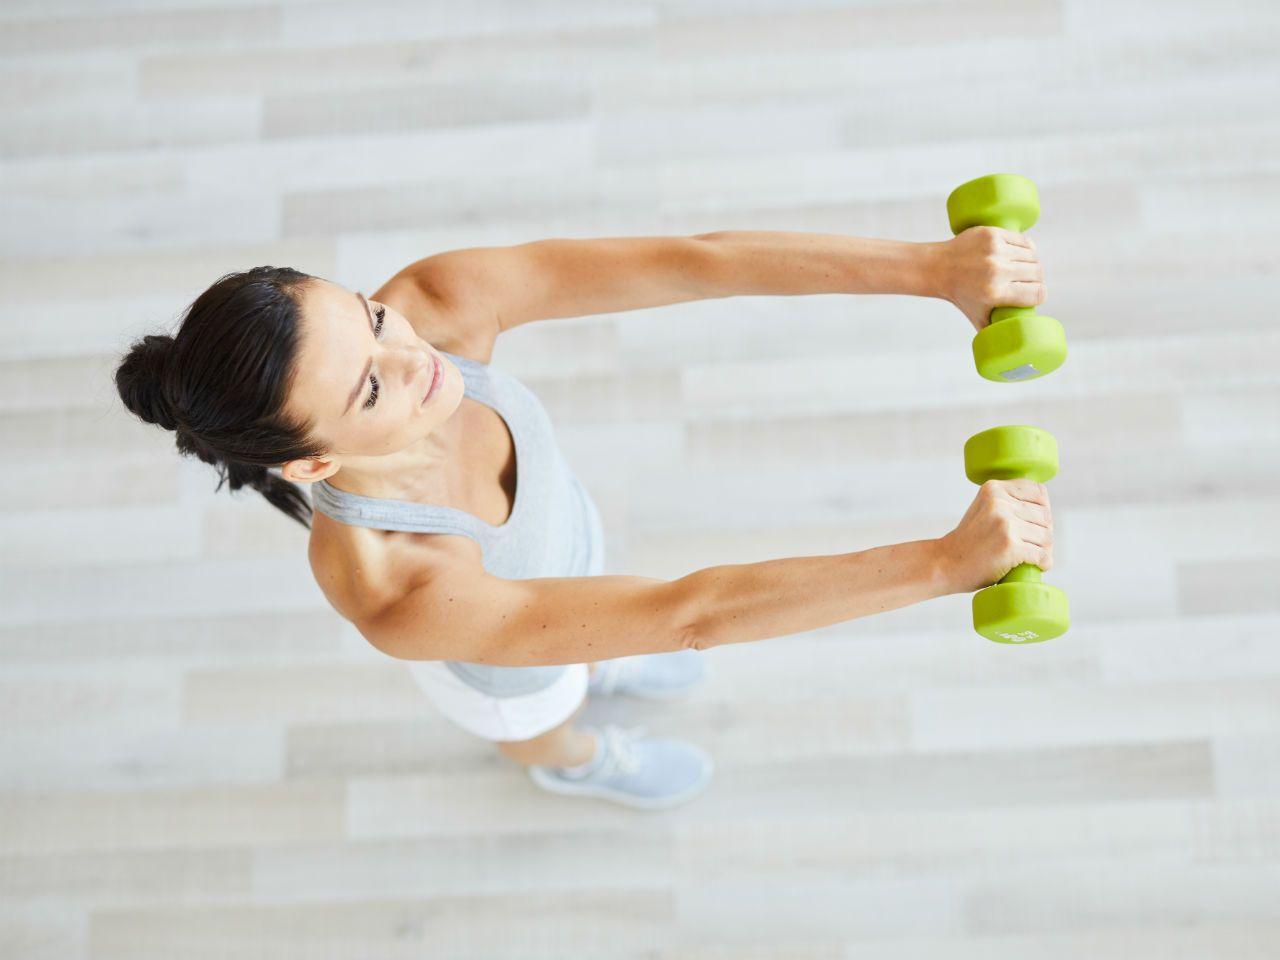 Jak zbudować plan treningowy dla kobiet? - Dbam o siebie